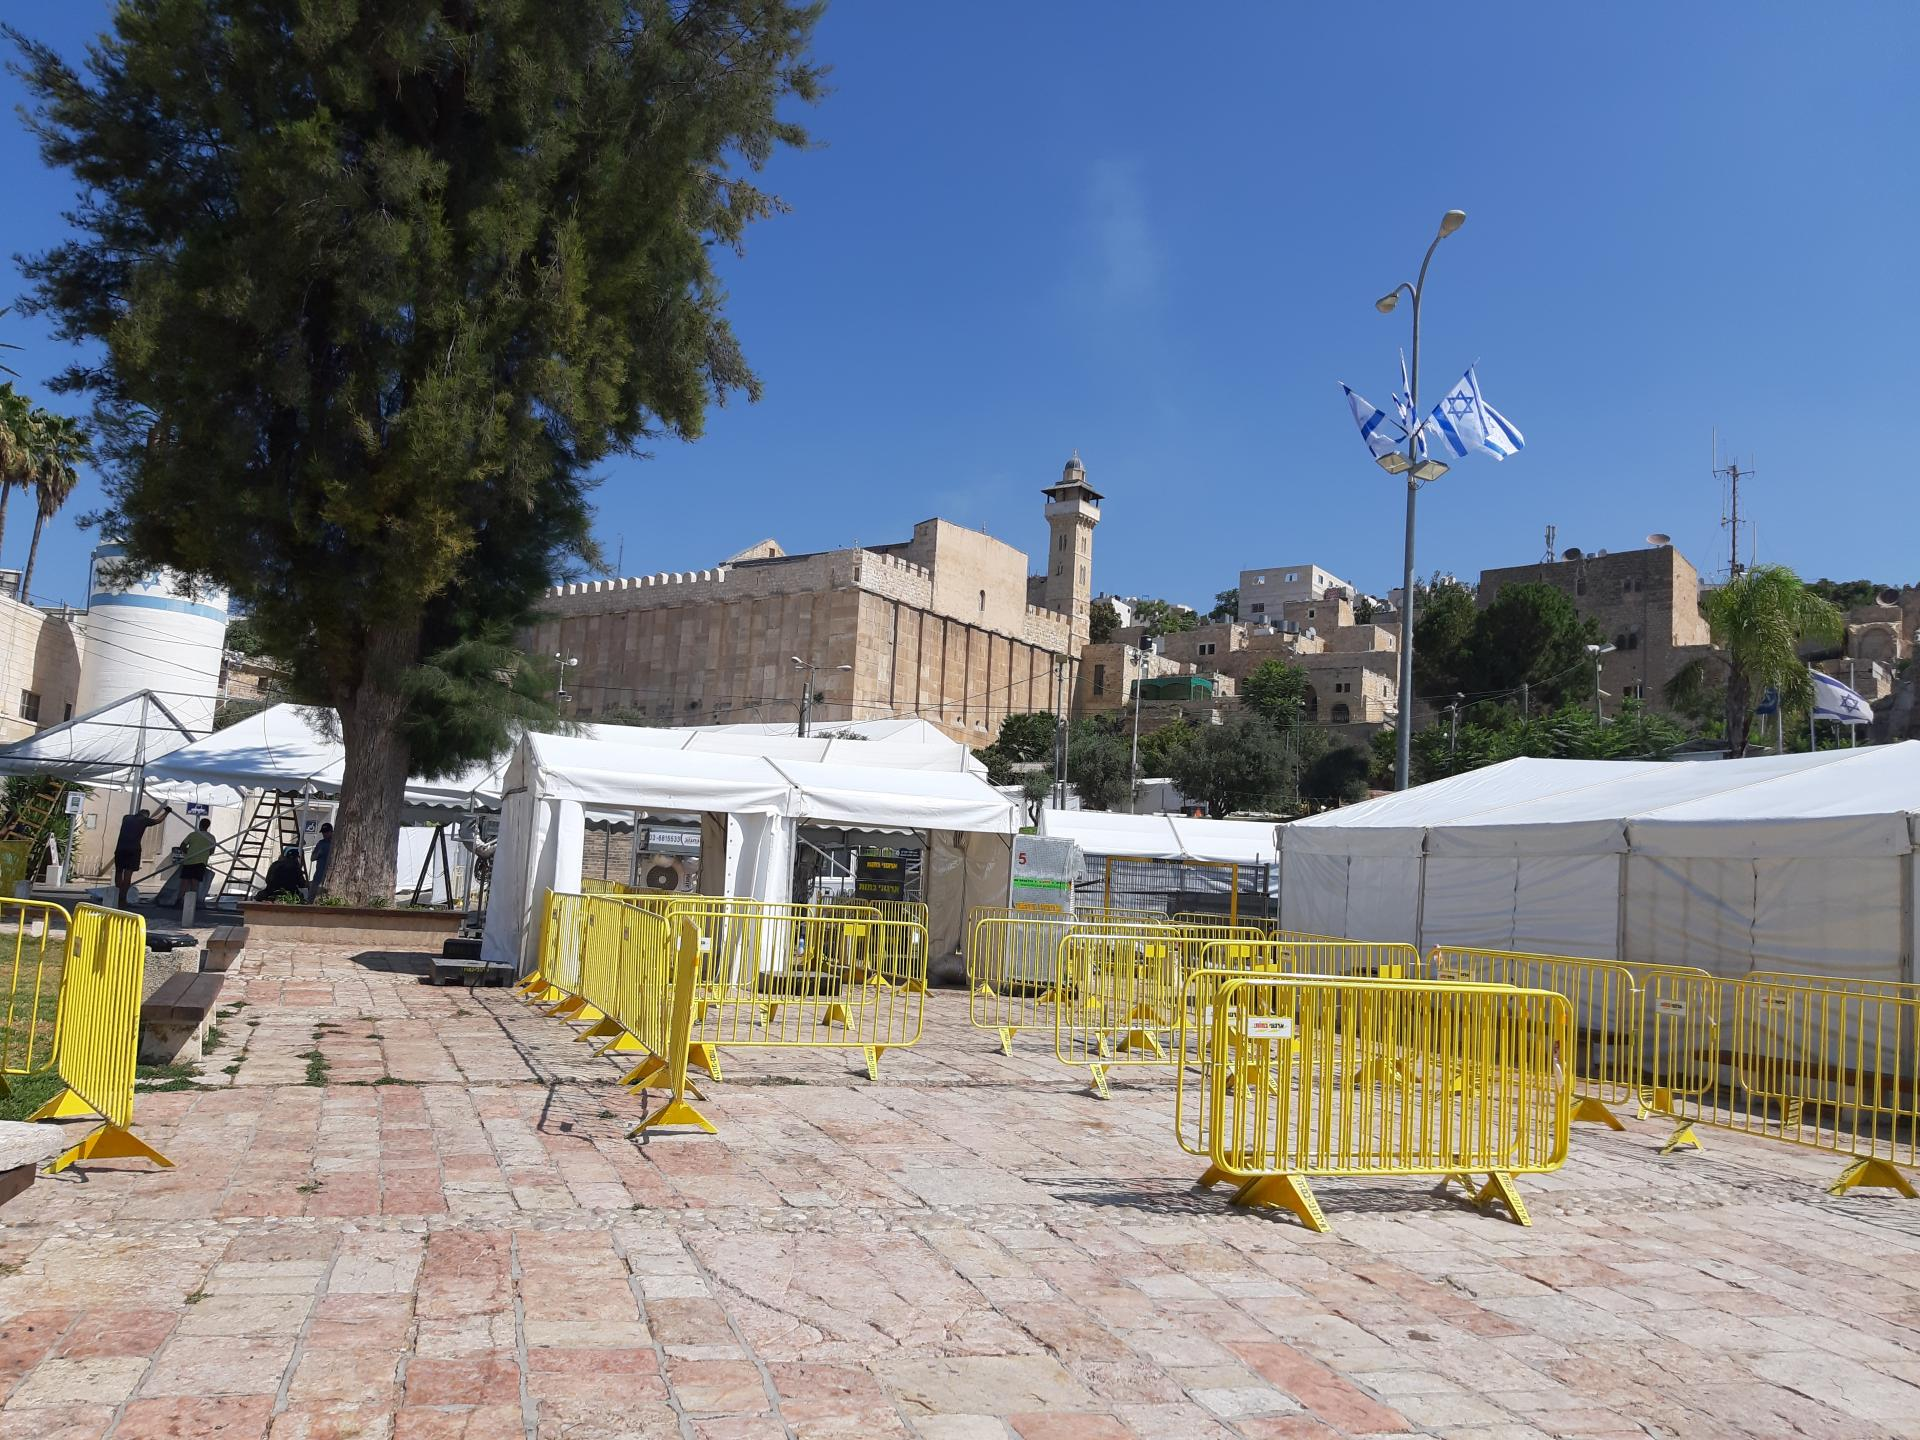 הקמת אוהלי האירוח לקראת ביקורו של ראש הממשלה